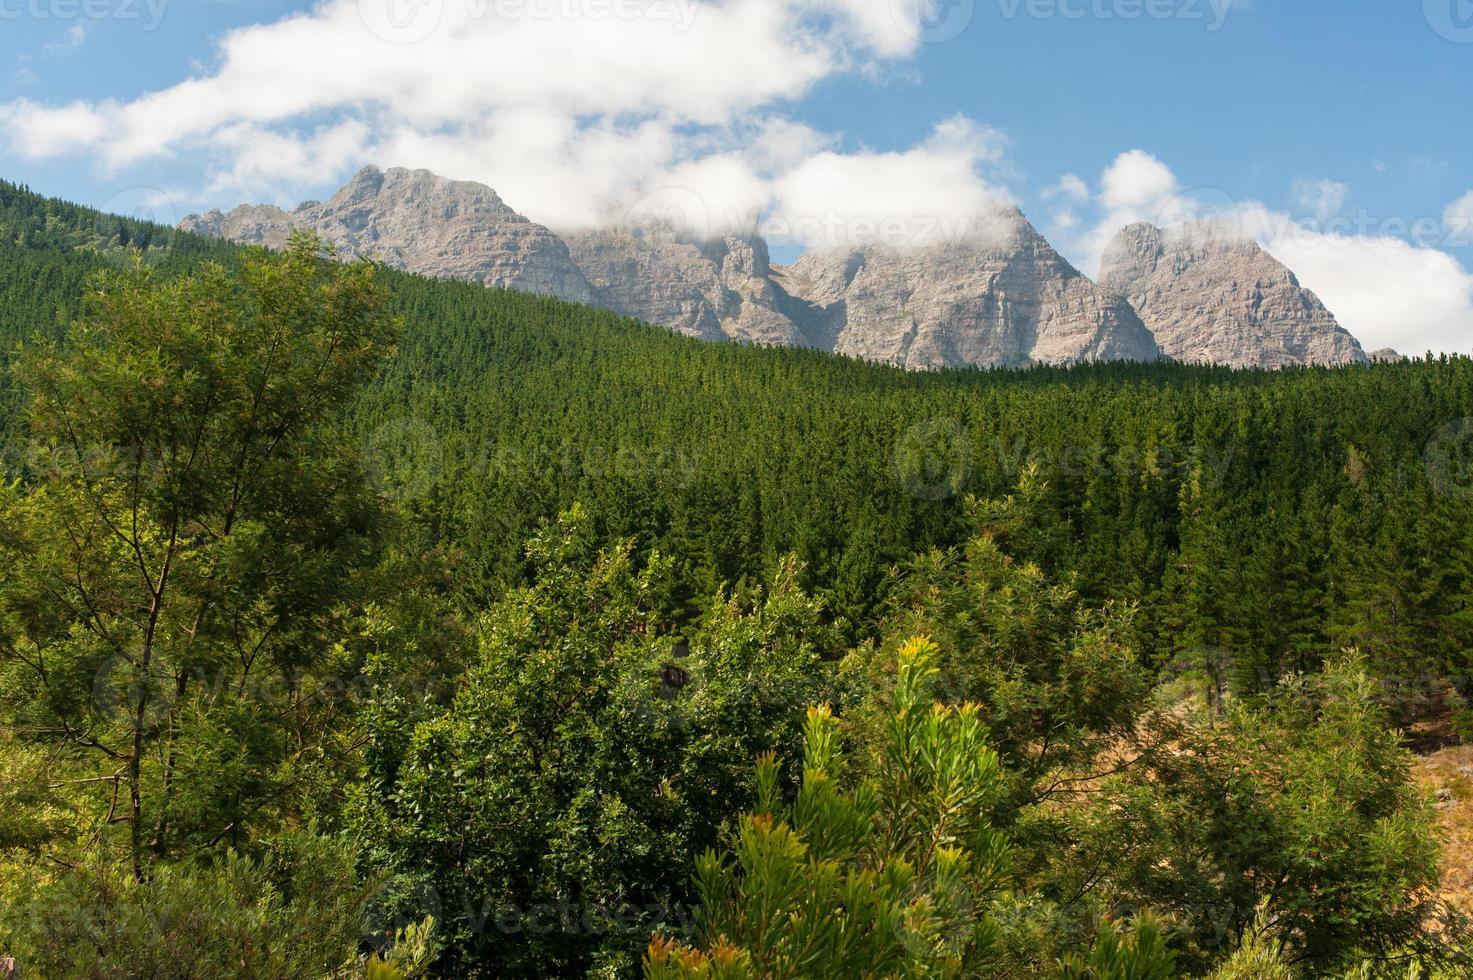 paesaggio forestale con montagne e cielo nuvoloso, sud africa foto